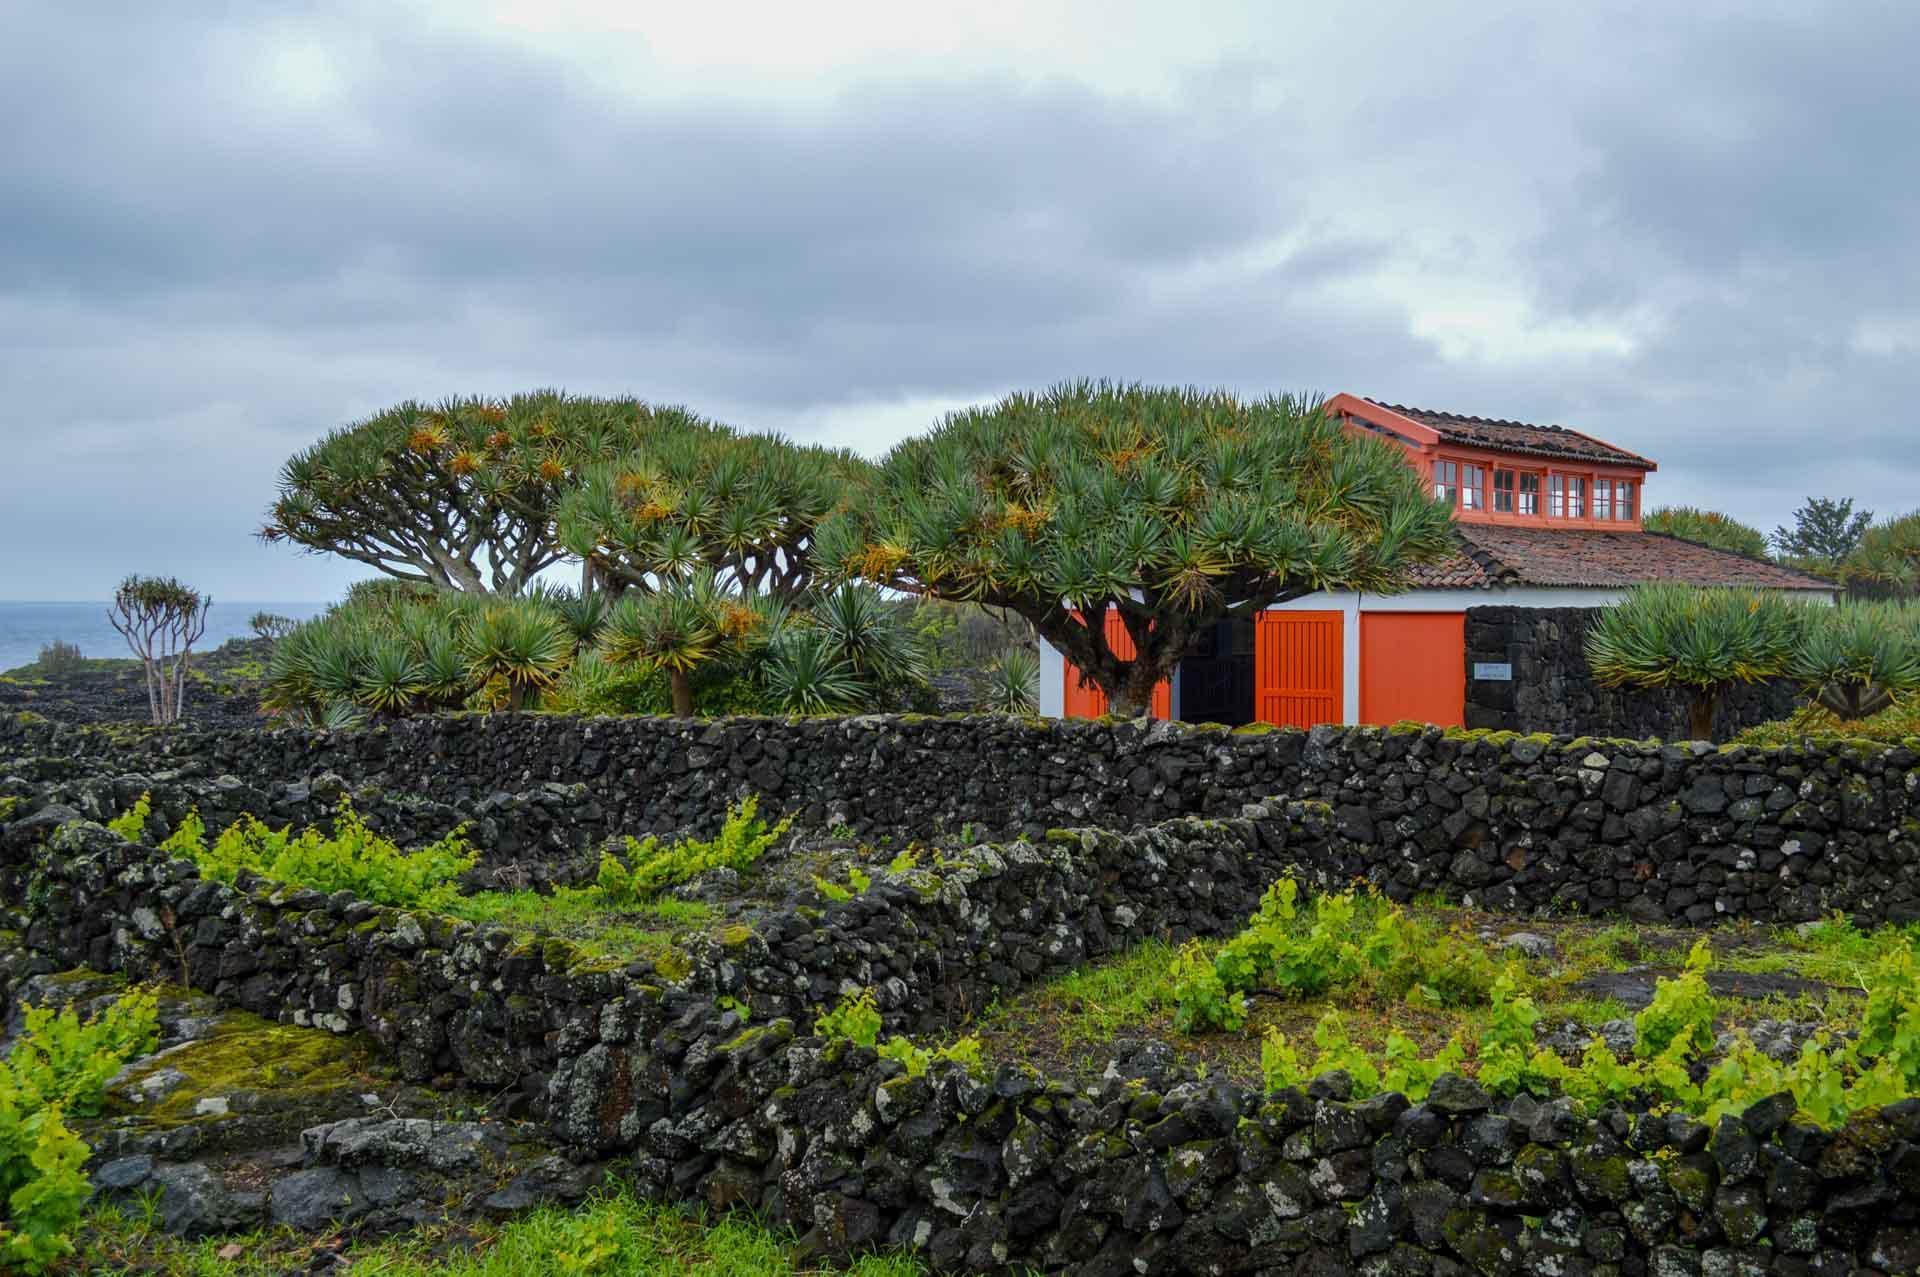 Le musée du vin et des vignes traditionnelles entourées de murets au premier plan © YONDER.fr/PG